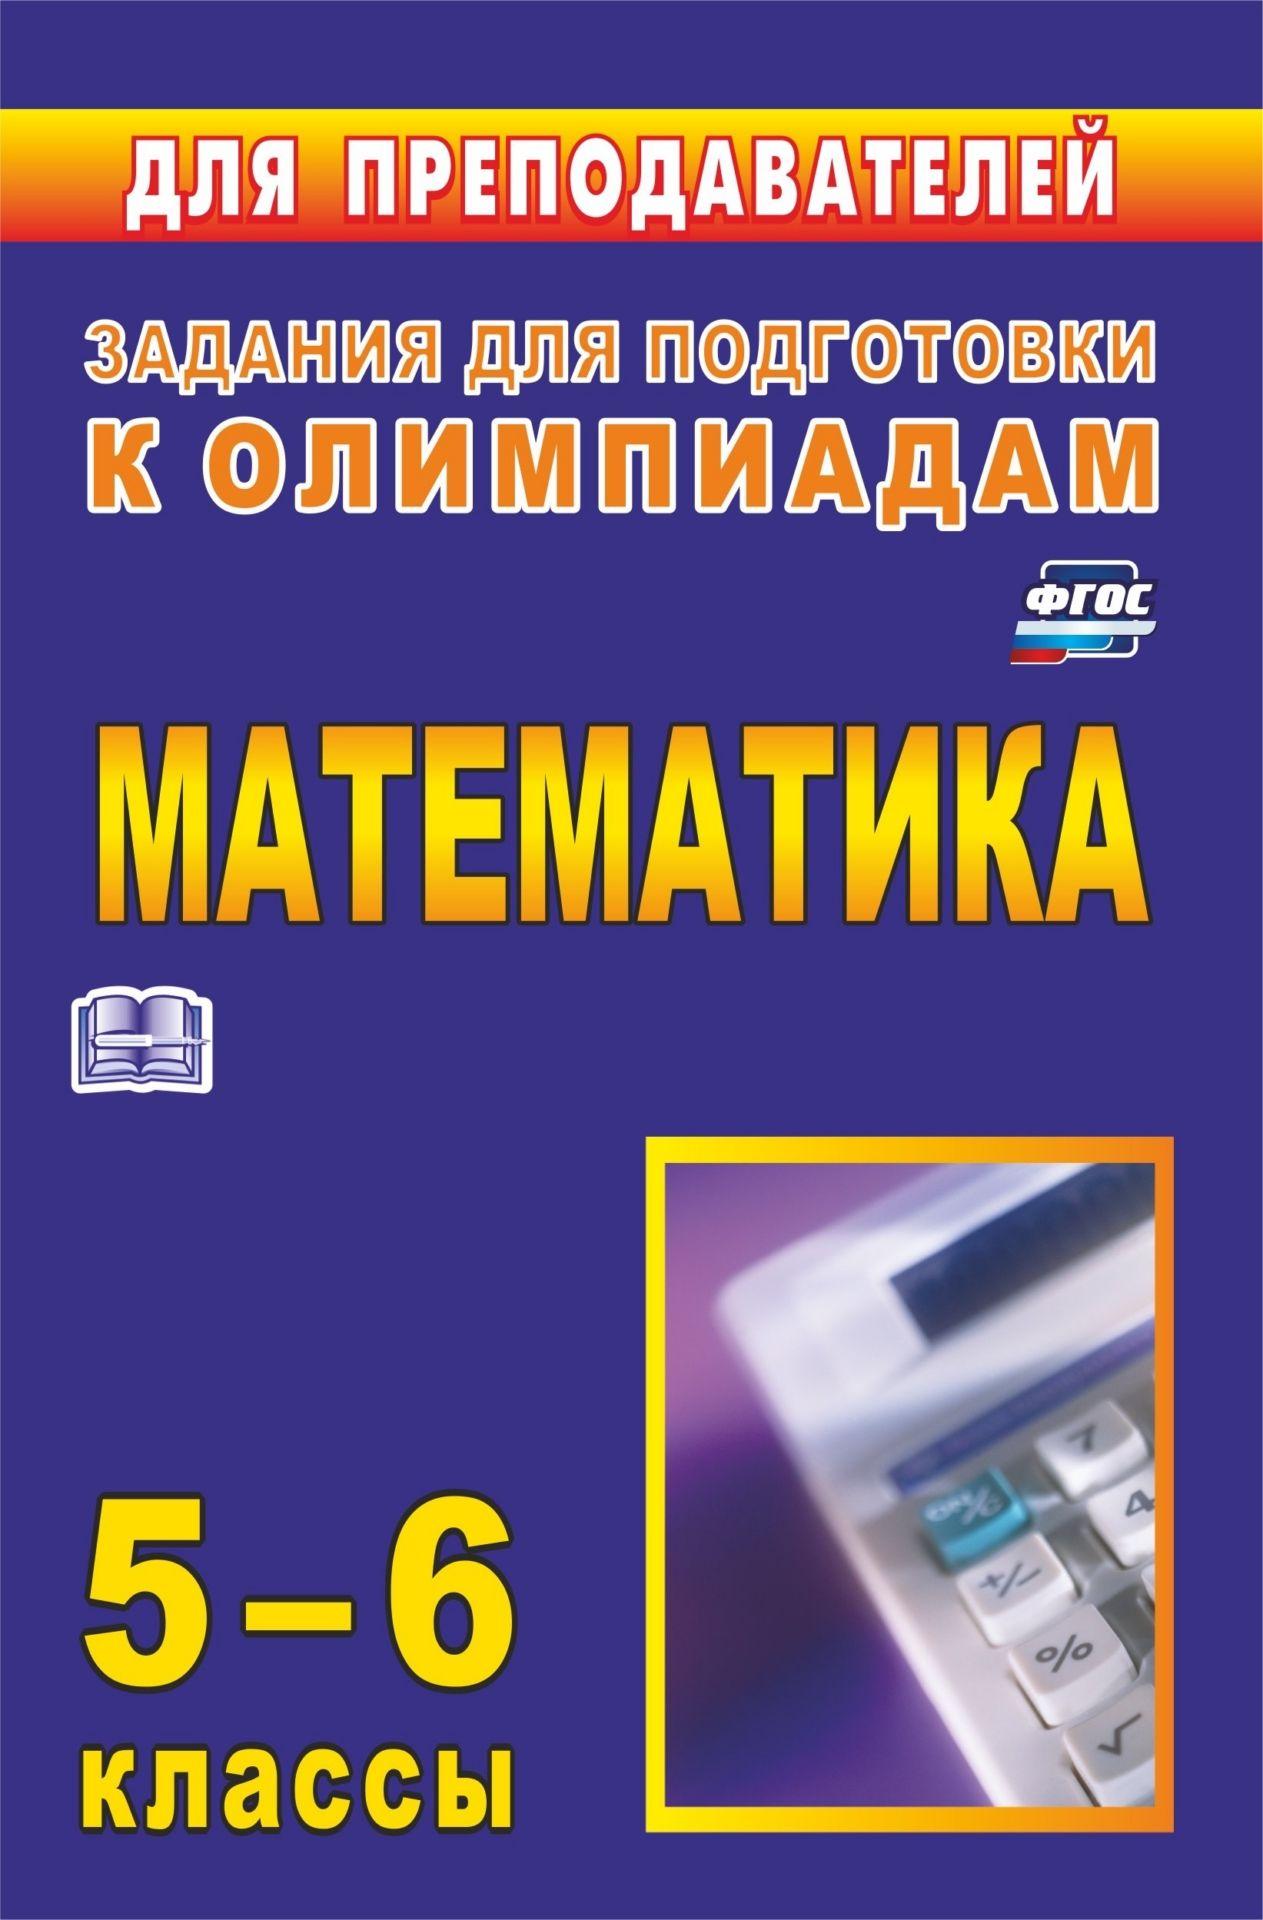 Купить со скидкой Олимпиадные задания по математике. 5-6 классы